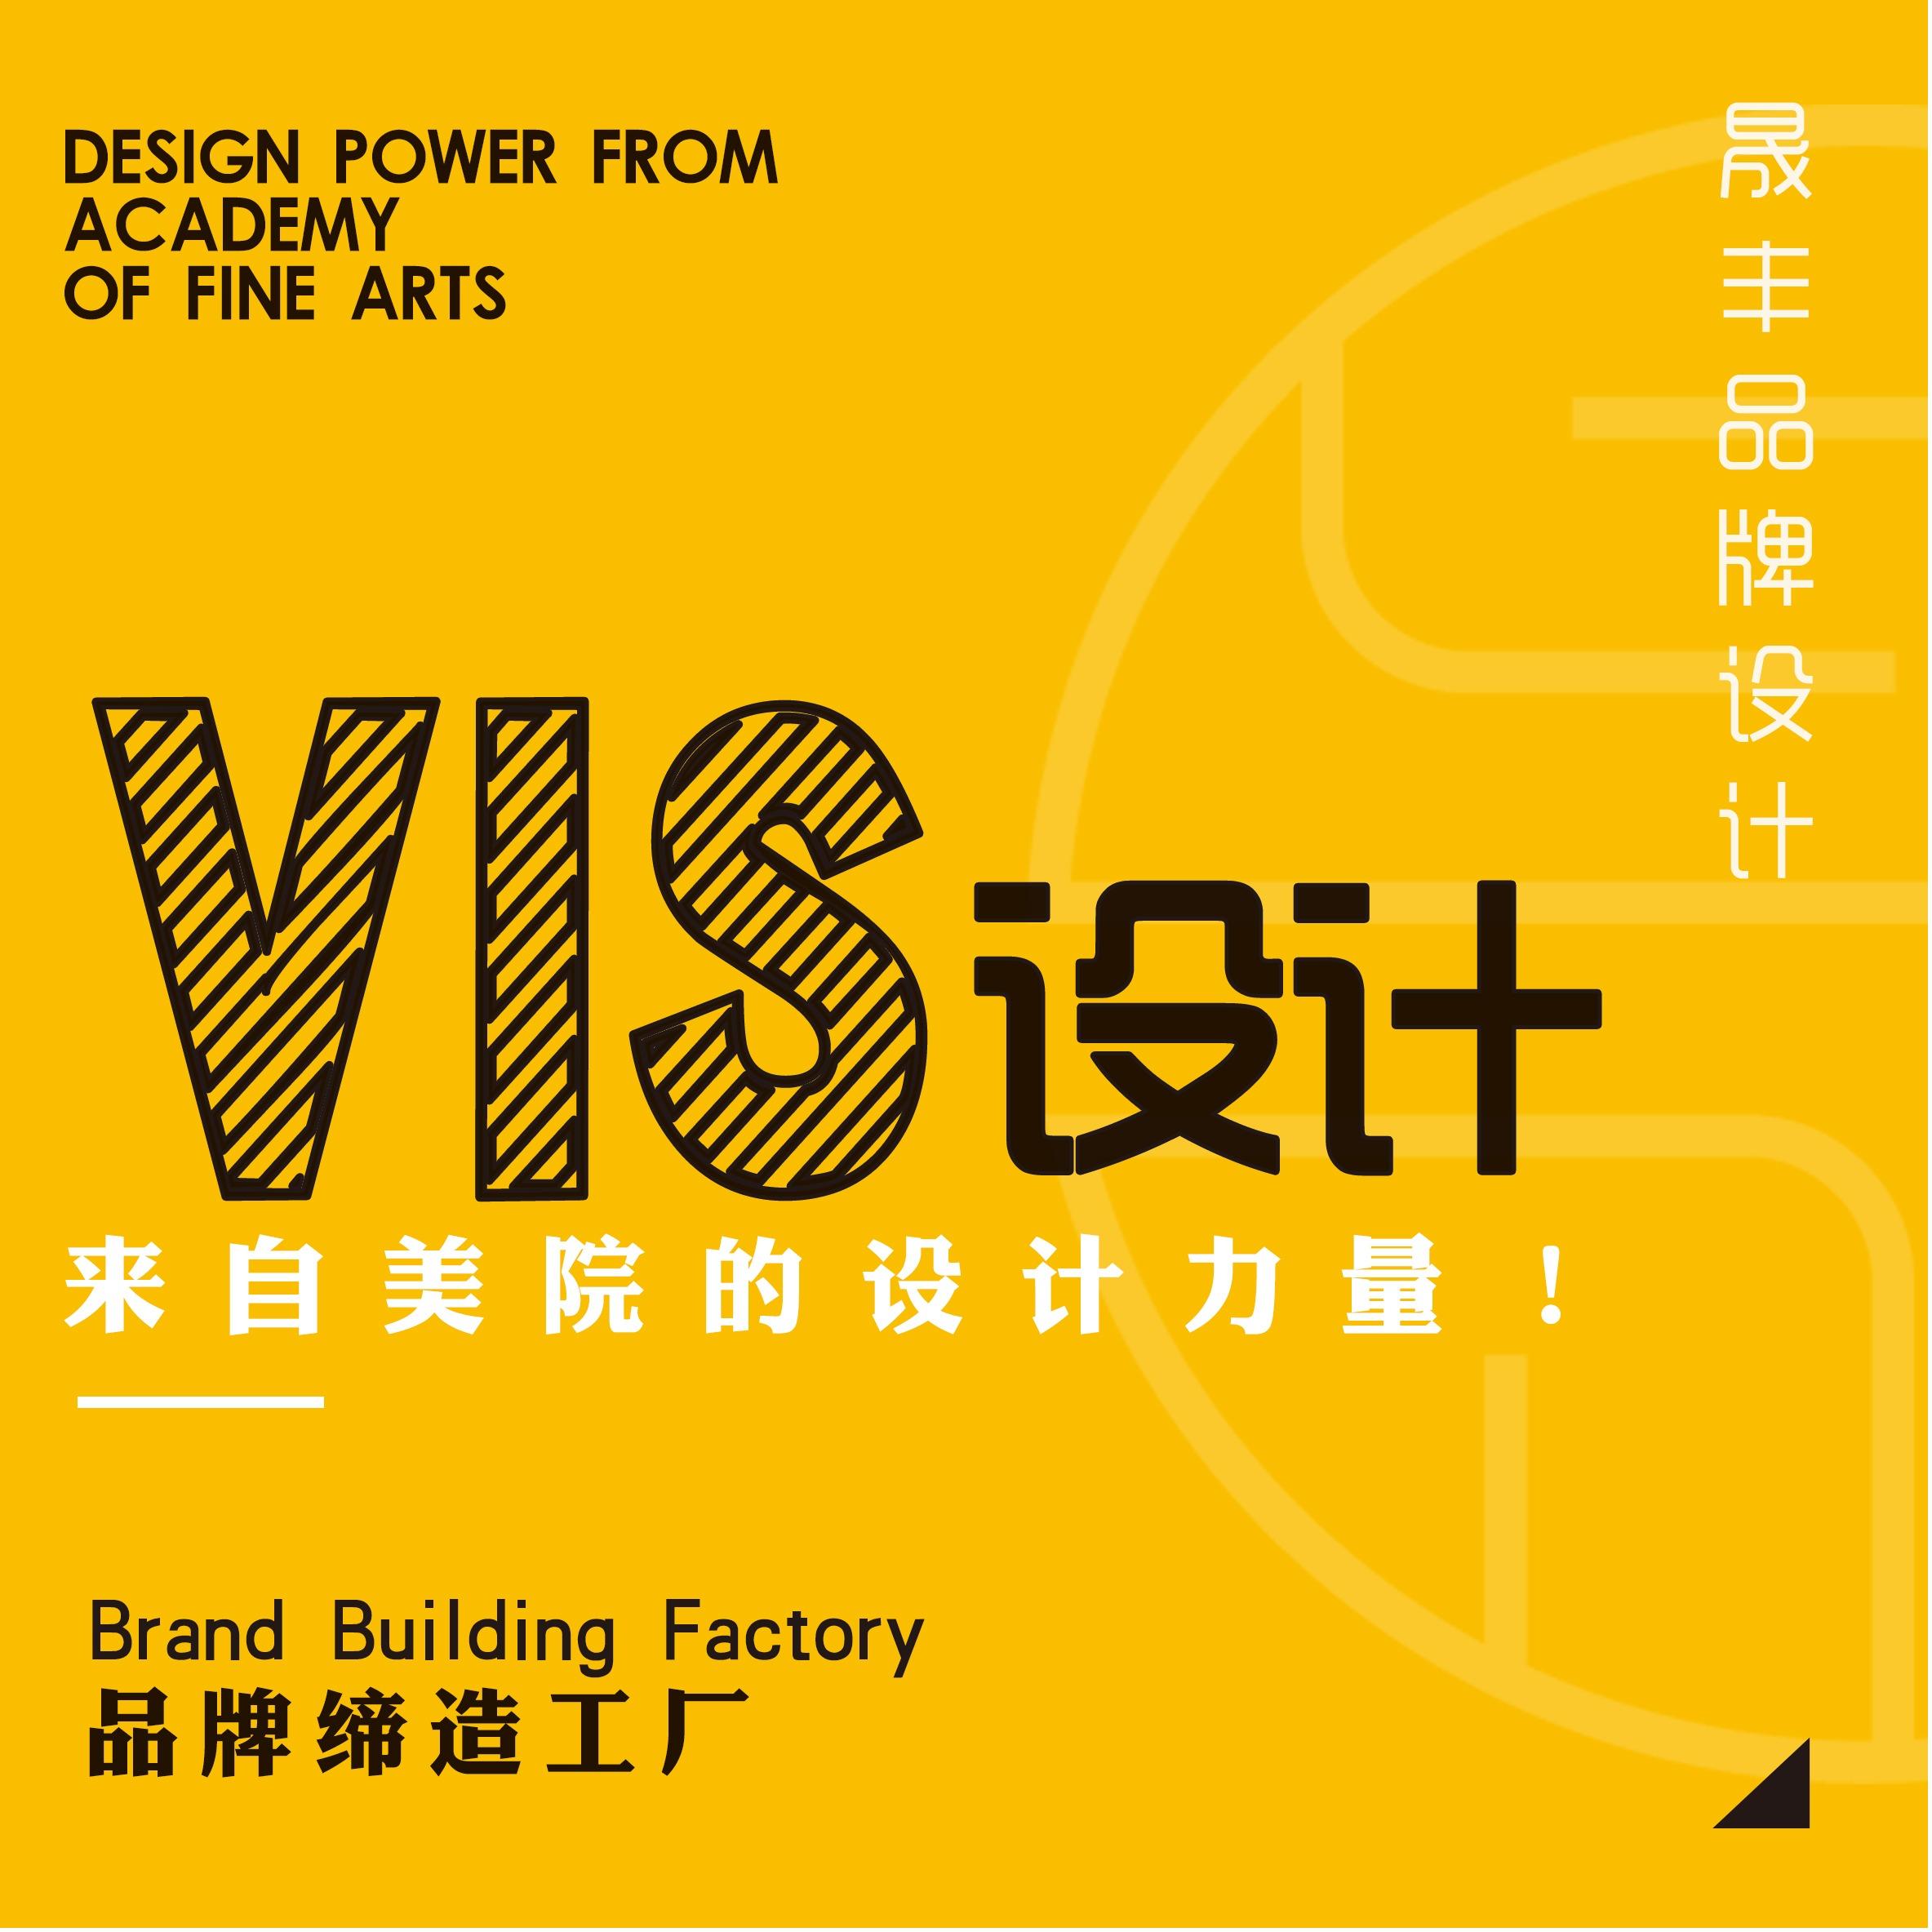 企业VIS品牌形象设计餐饮广告设计全套系统升级导视手册案列